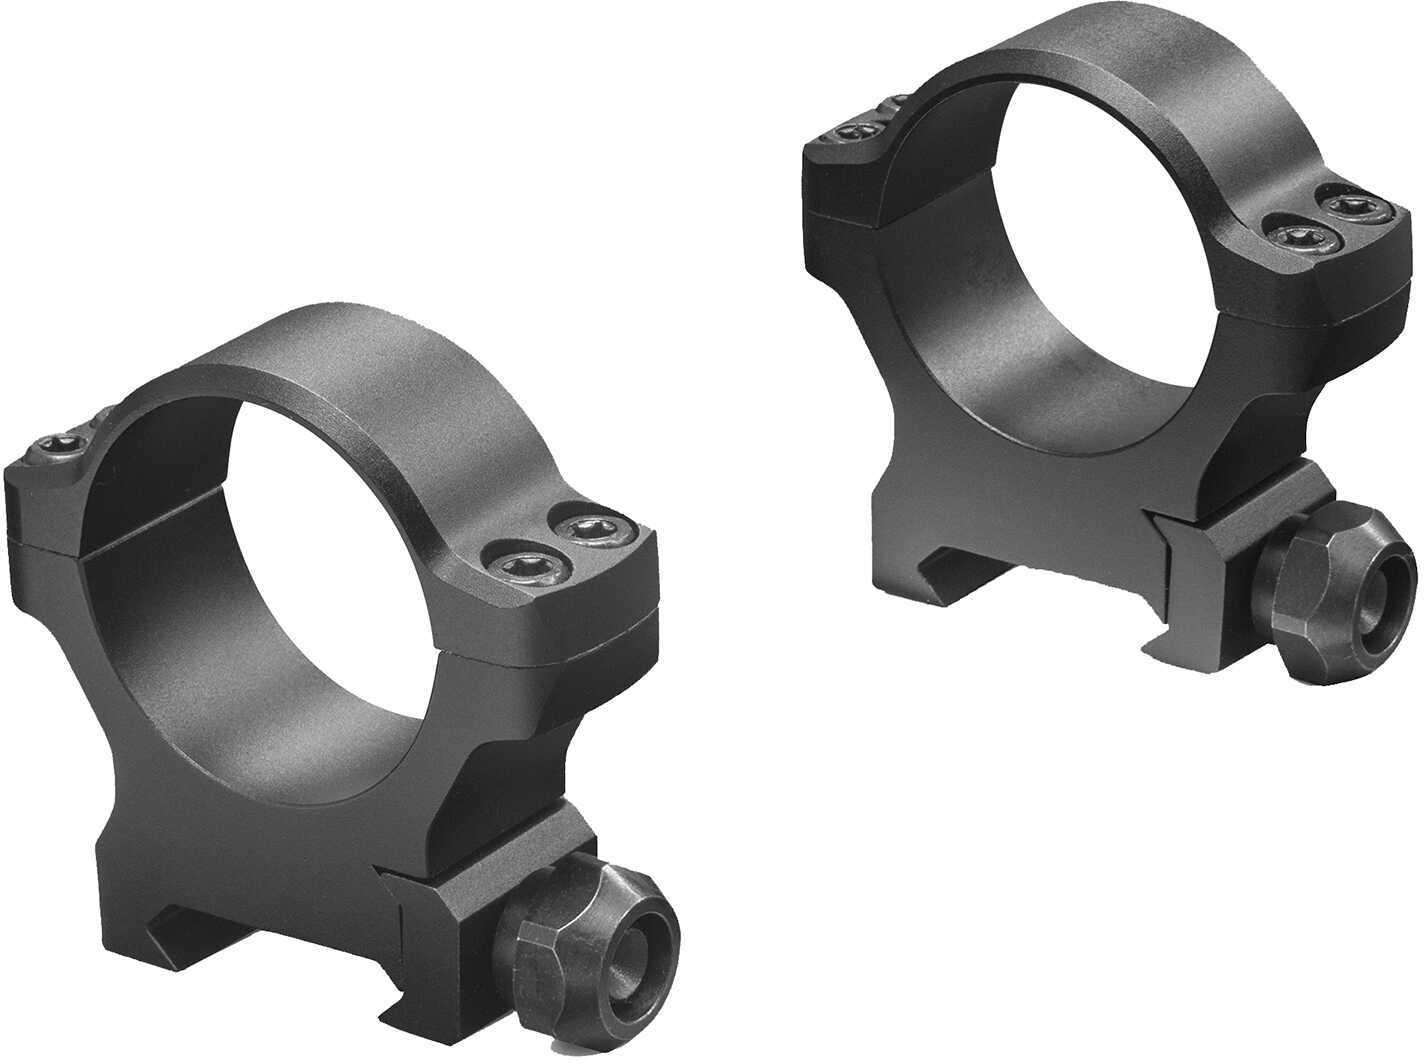 Leupold Backcountry Cross-Slot Weaver-Style Rings 30mm Diameter, Medium Height, Matte Black